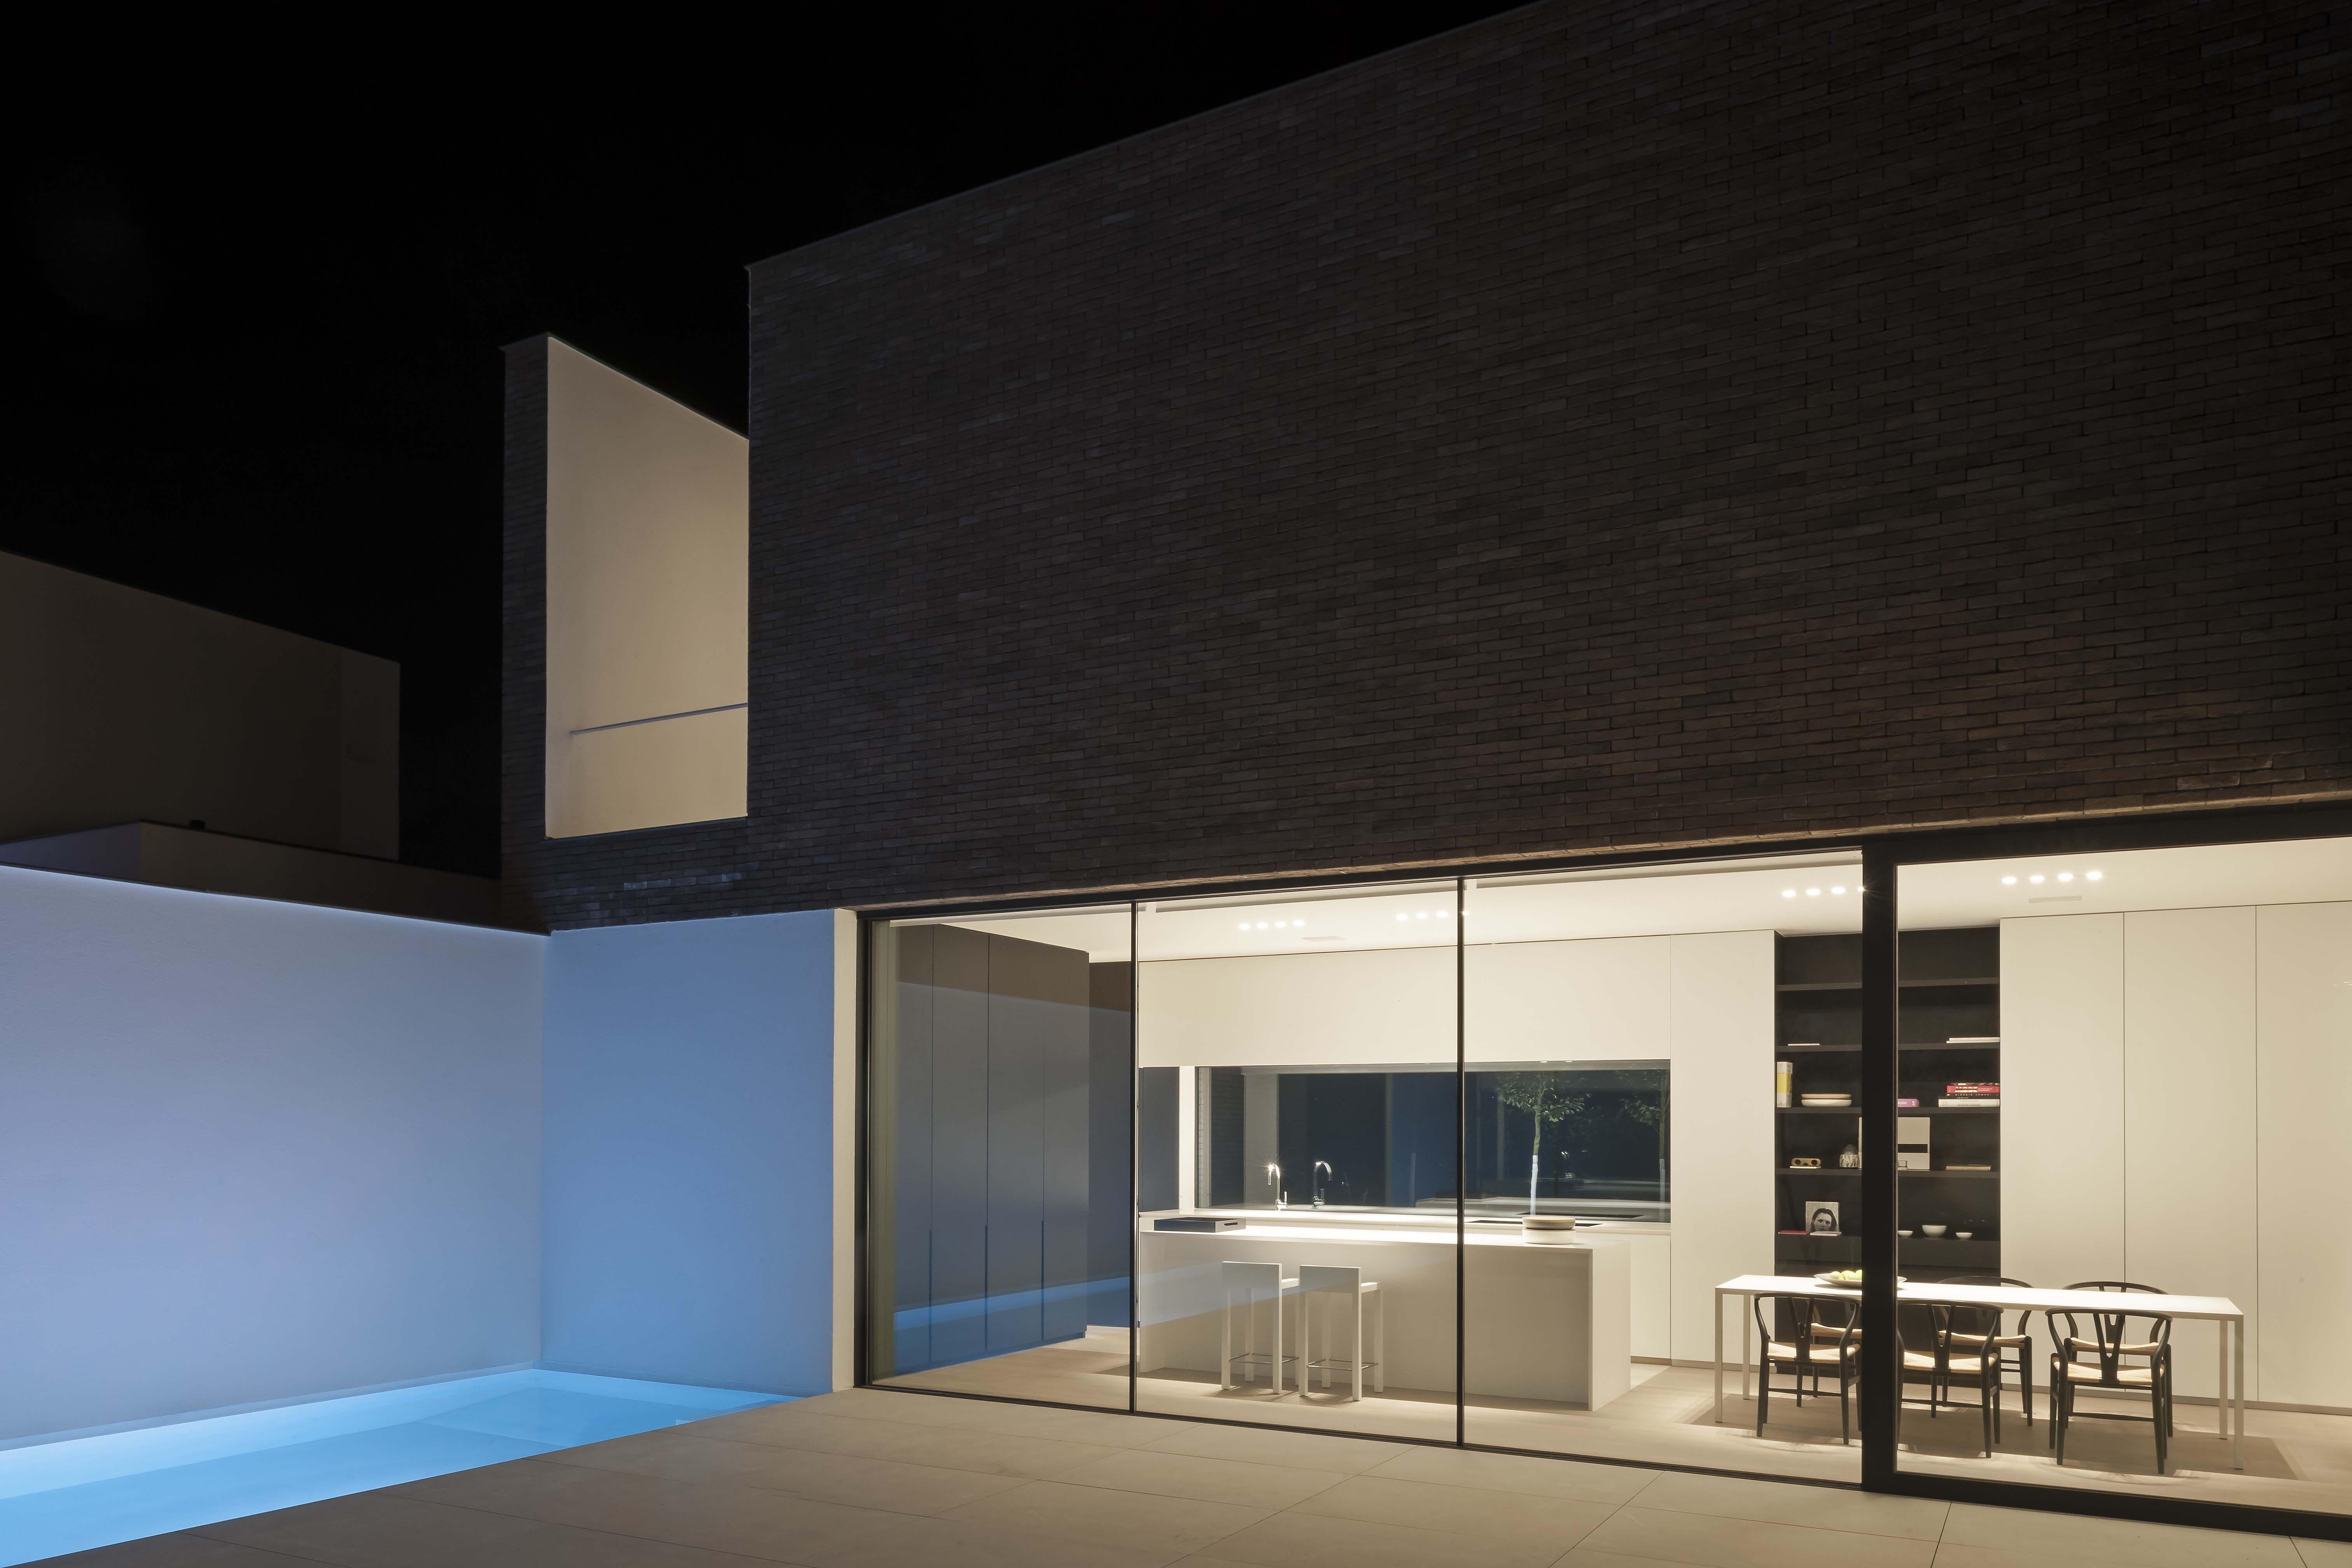 Kijkwoning ar architectuur en interieurprojecten photo koen van